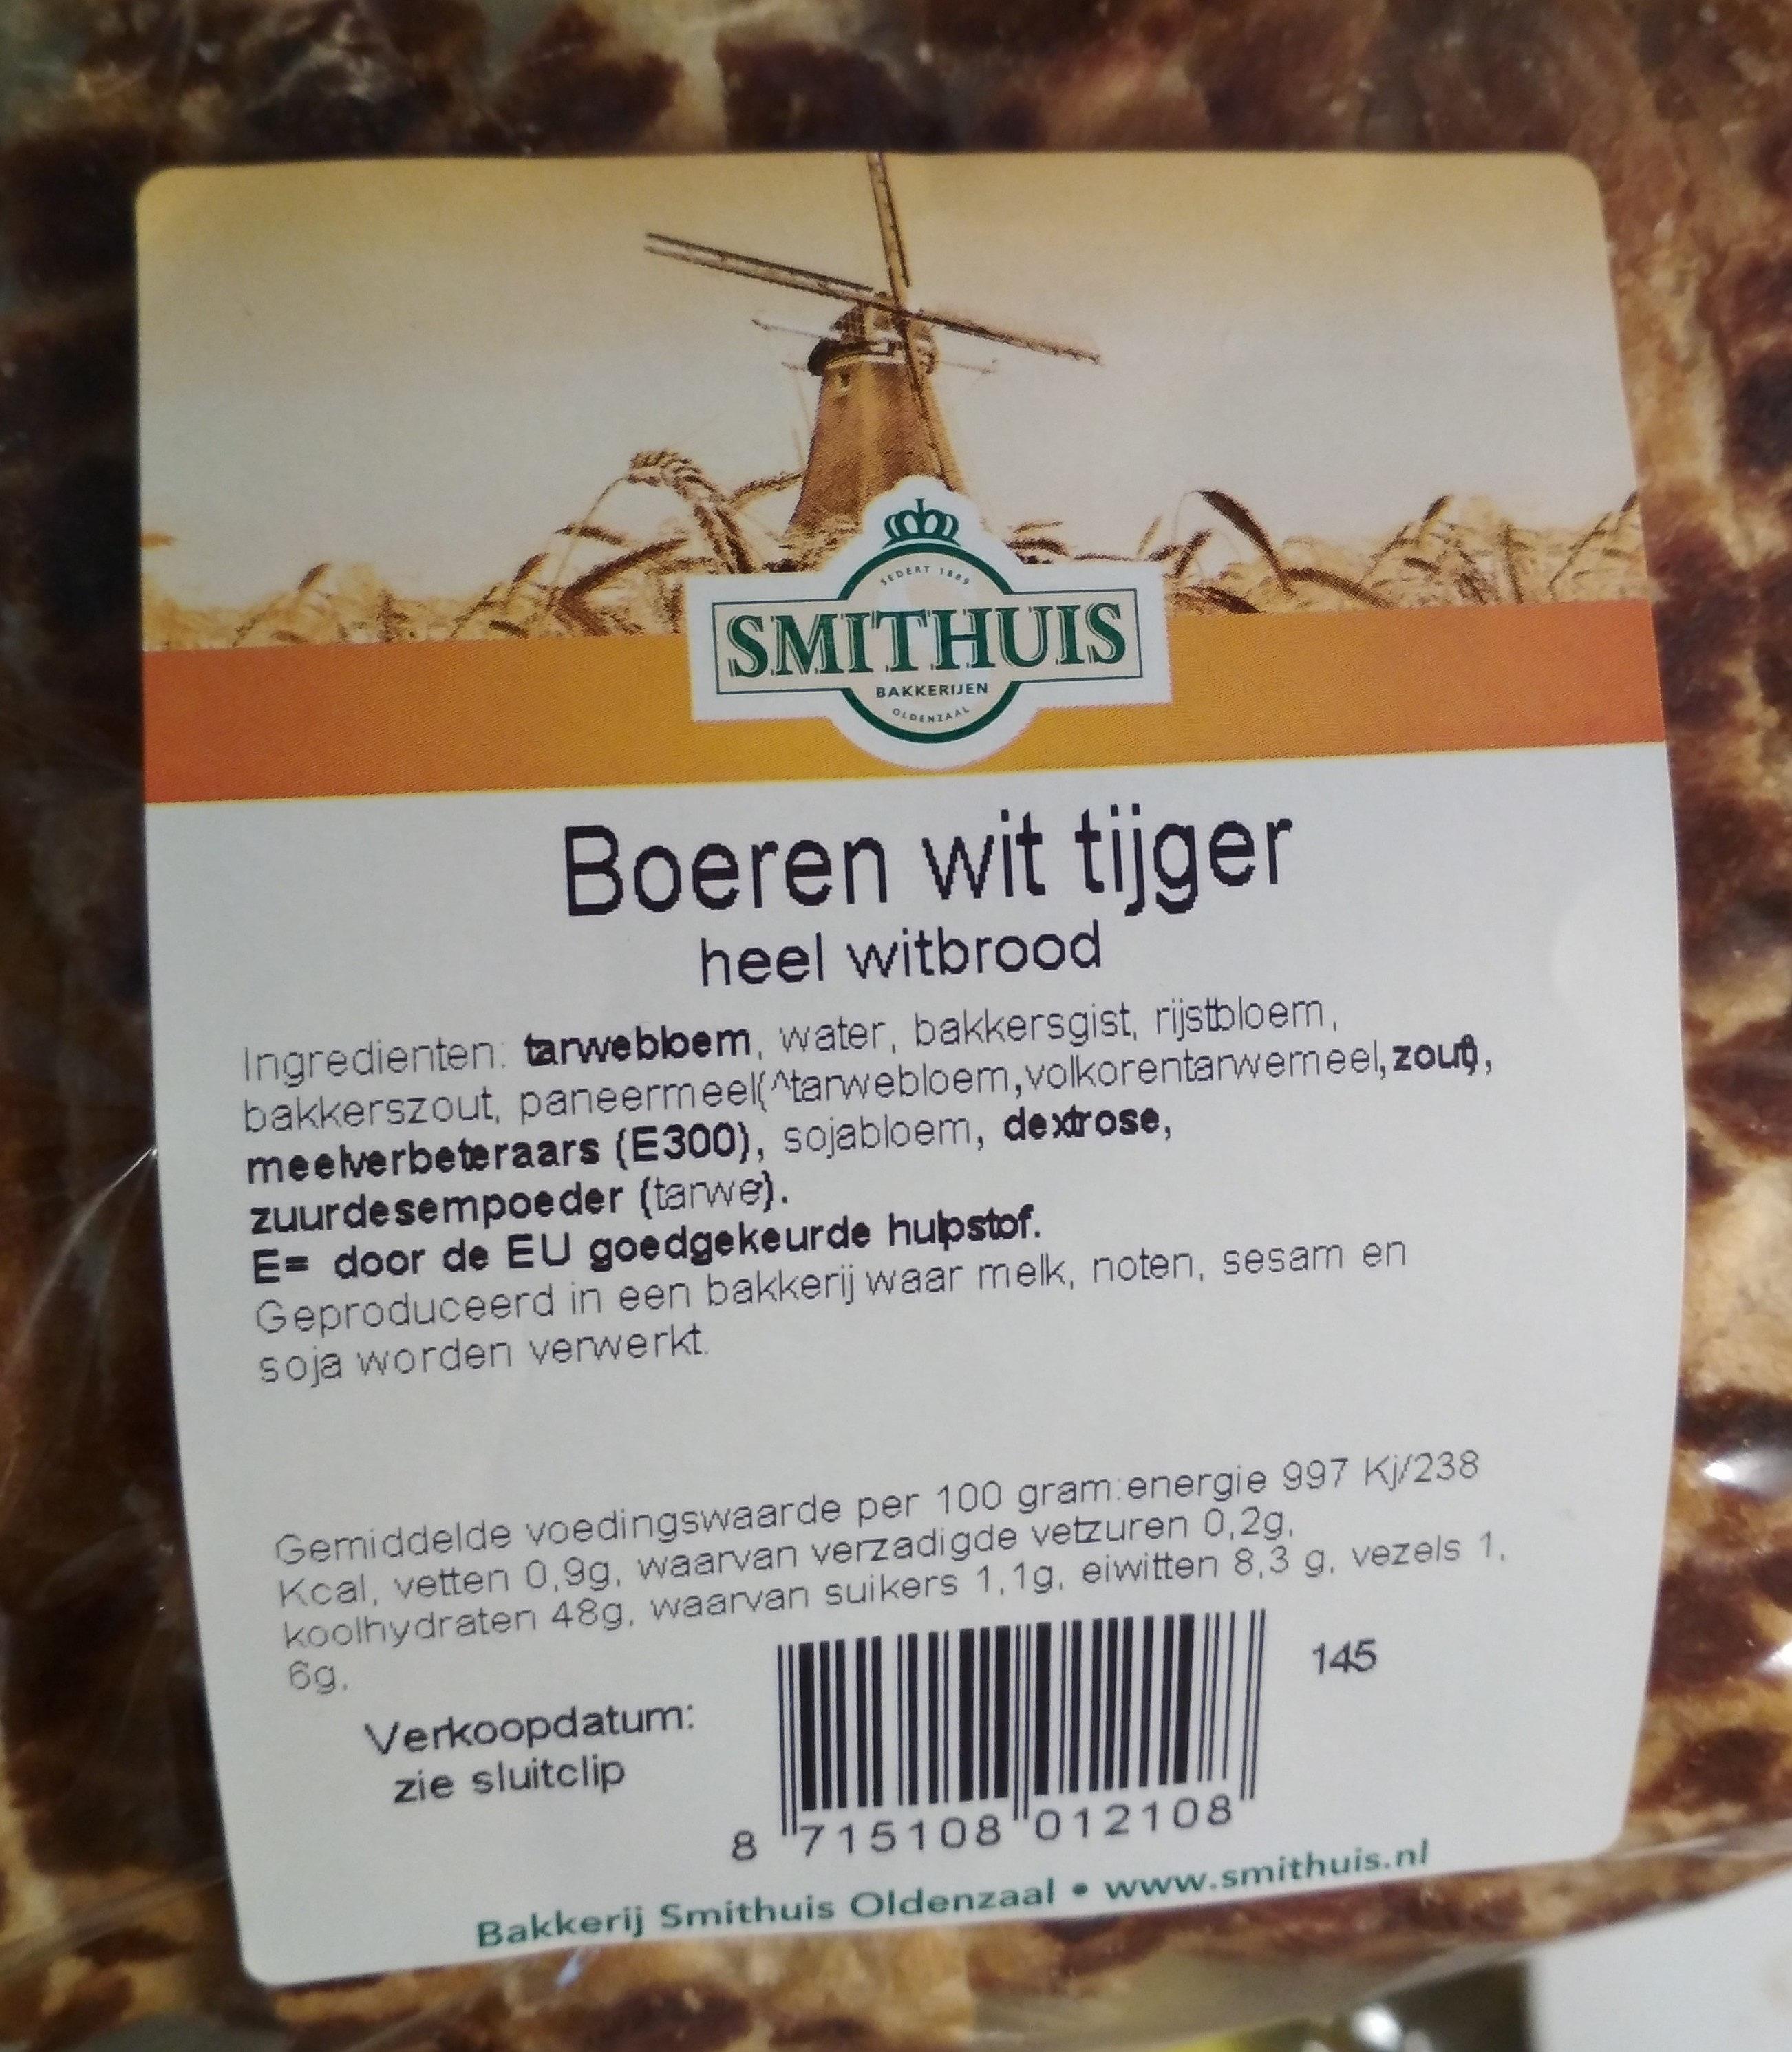 Boeren wit tijger heel witbrood - Product - nl